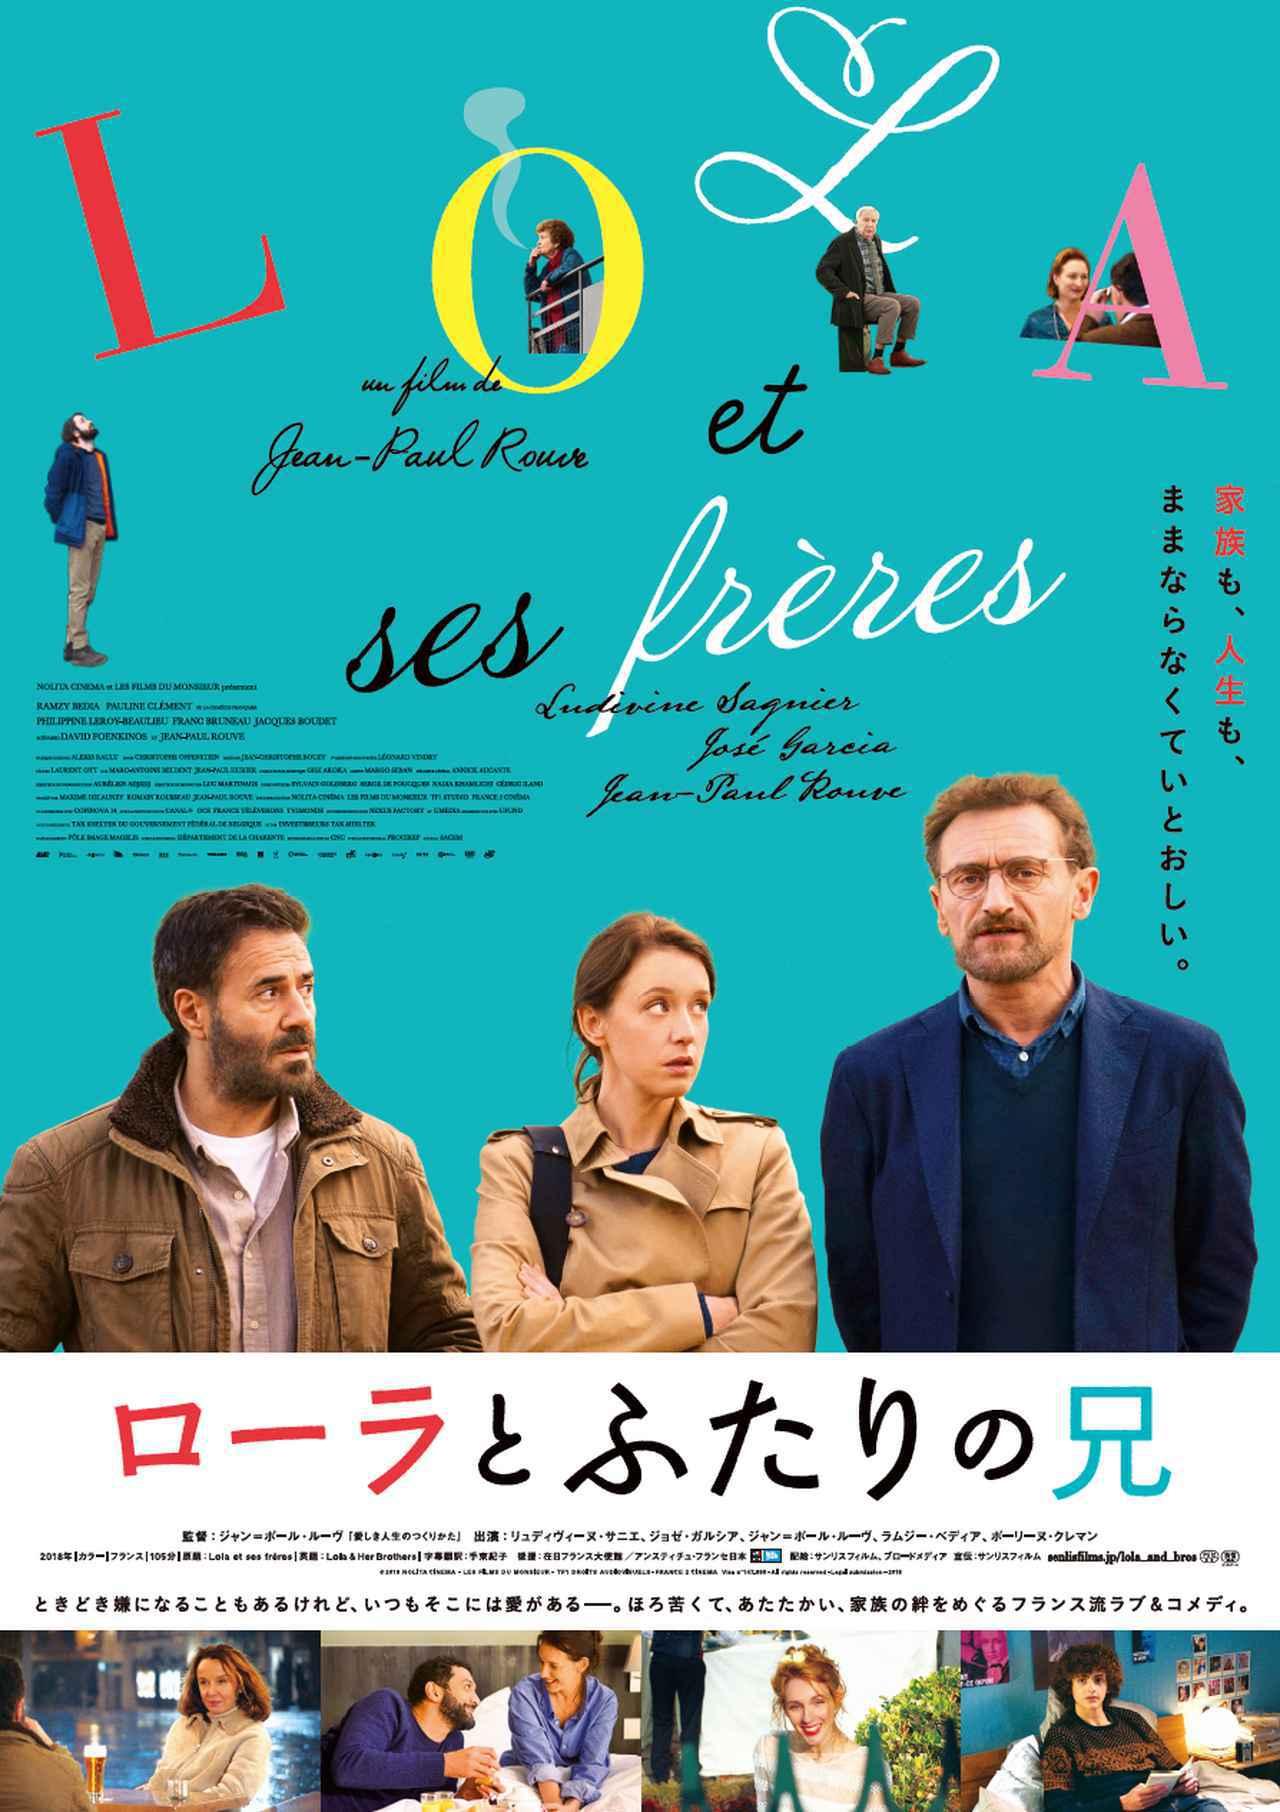 画像: © 2018 NOLITA CINEMA - LES FILMS DU MONSIEUR - TF1 DROITS AUDIOVISUELS - FRANCE 2 CINEMA